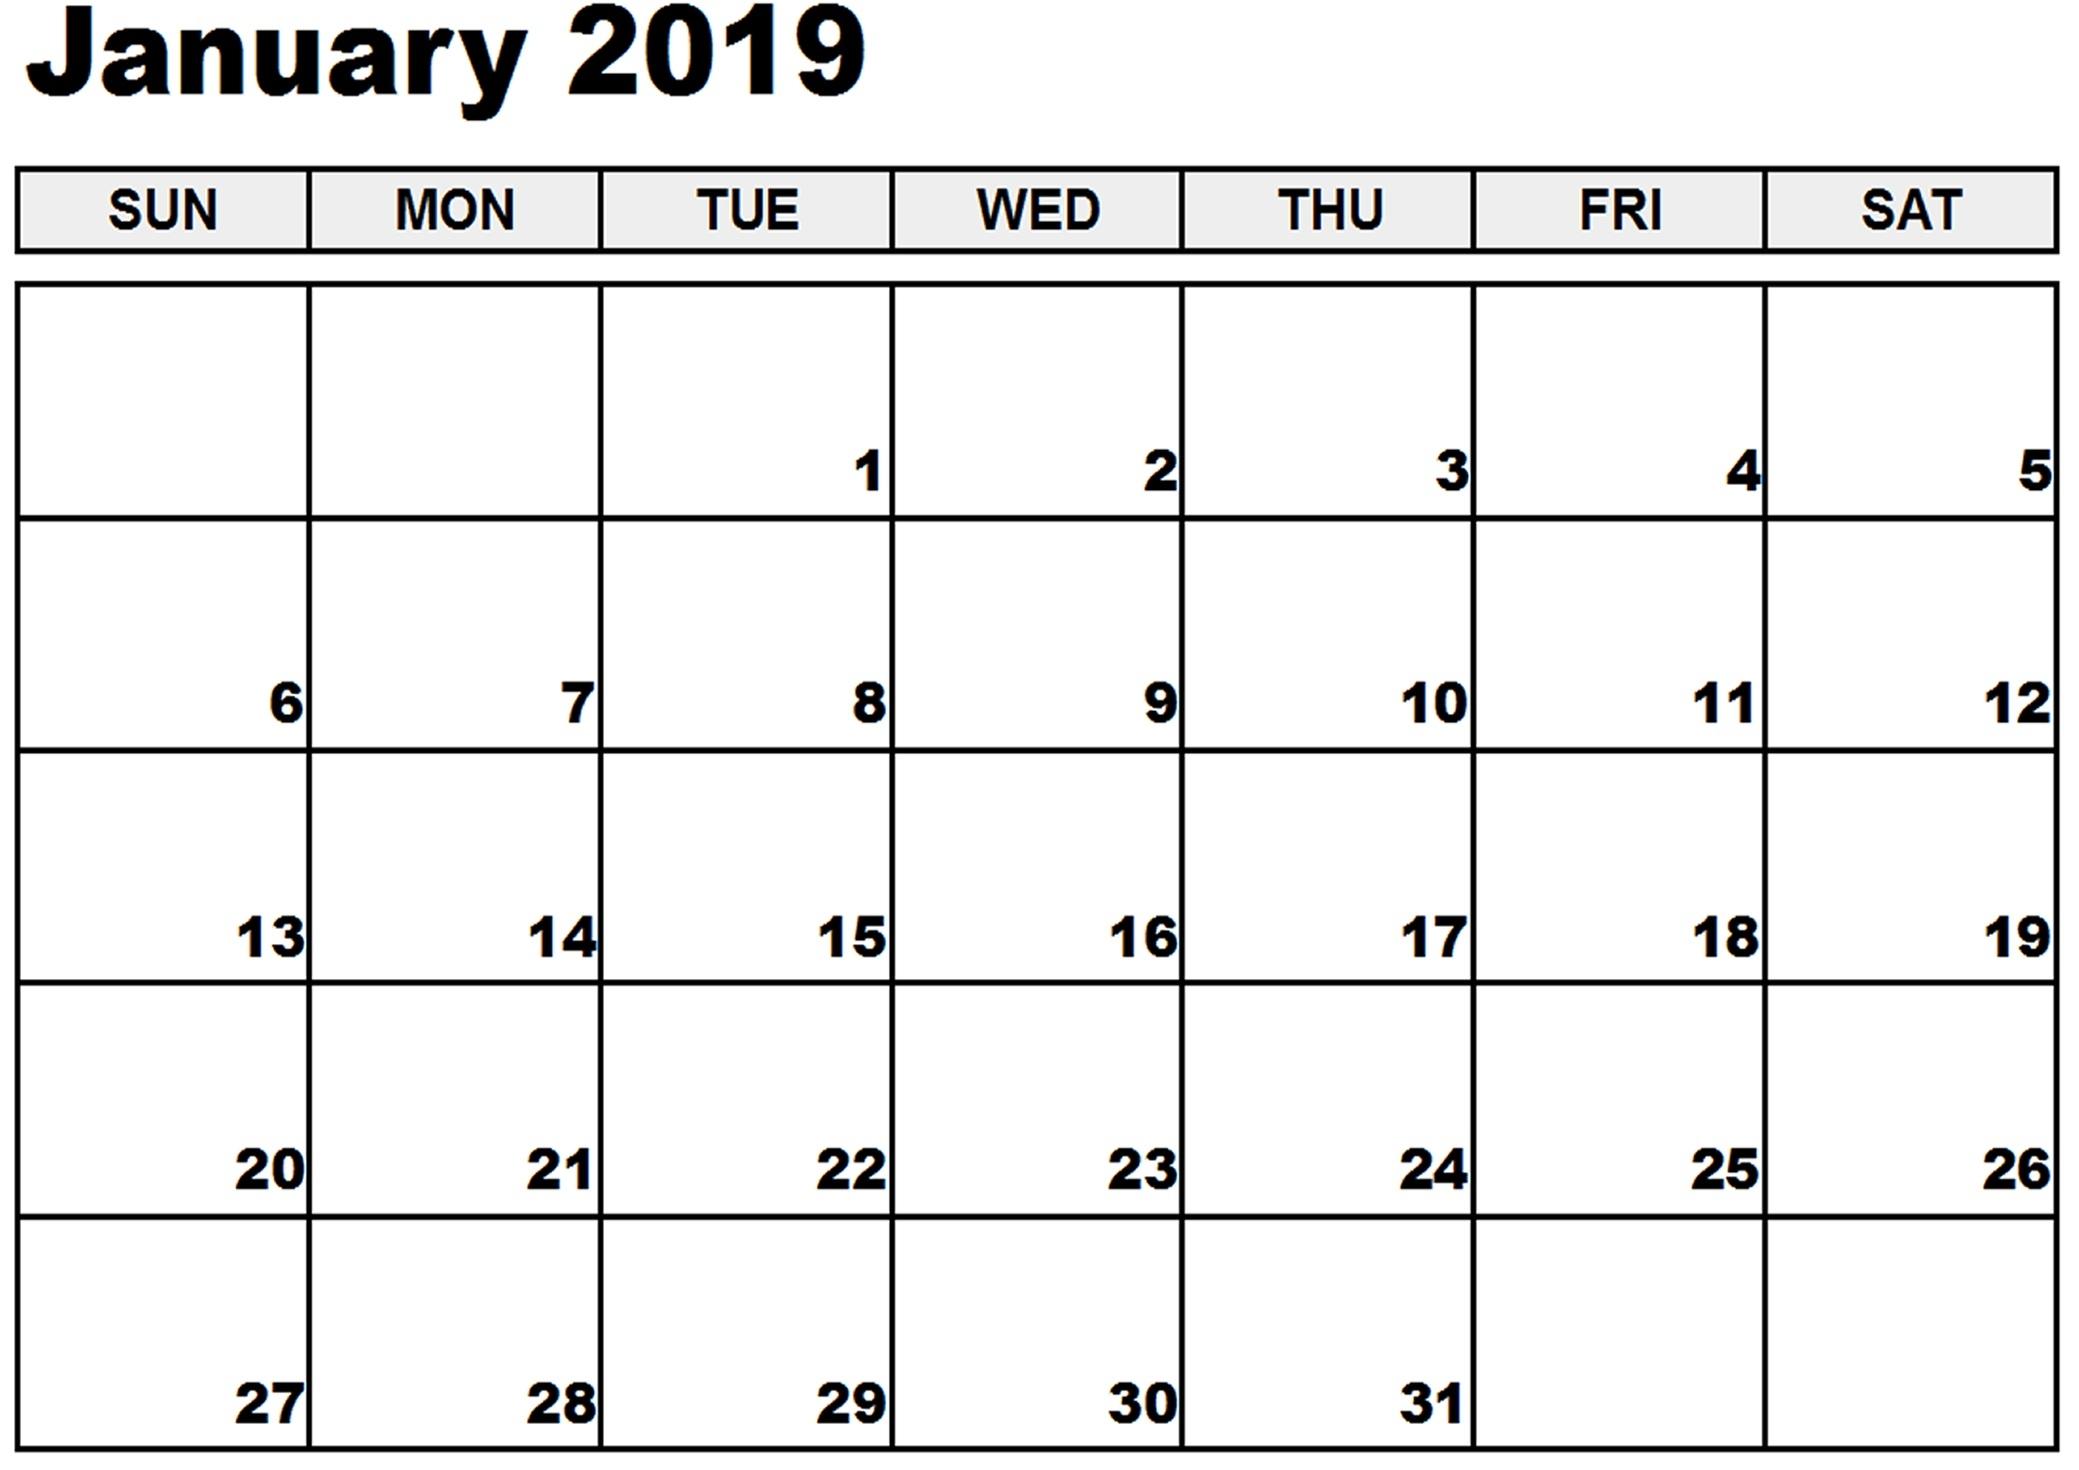 january 2019 printable calendar january 2019 calendar templates::January 2019 Calendar Printable Template USA UK Canada